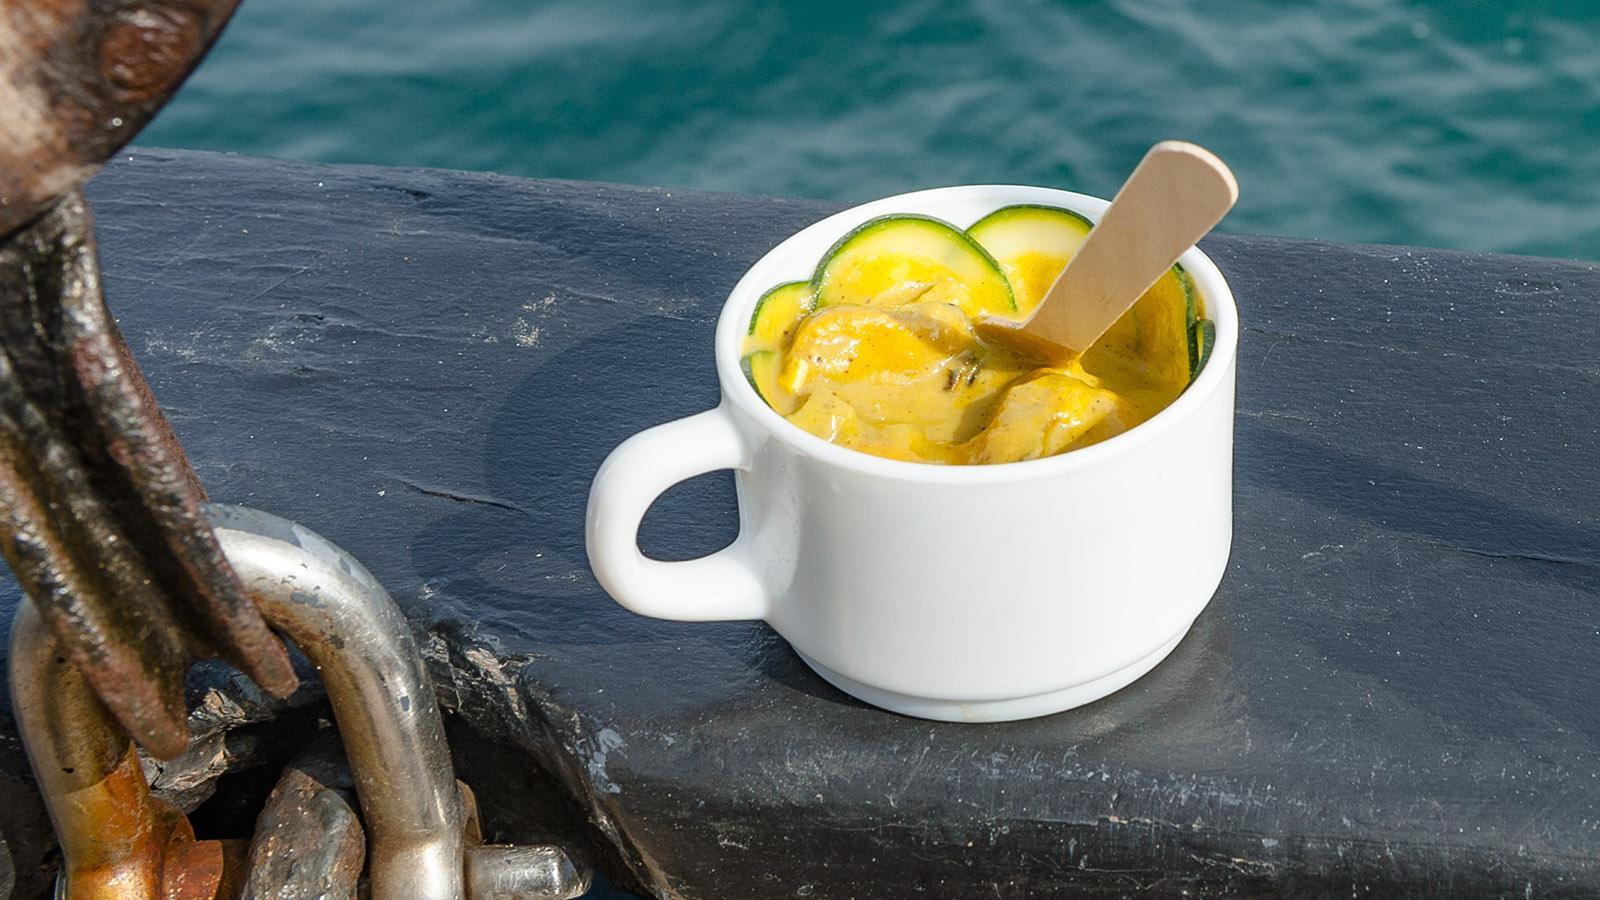 Seeräuber-Curry mit Bouchot-Muscheln. Foto: Hilke Maunder